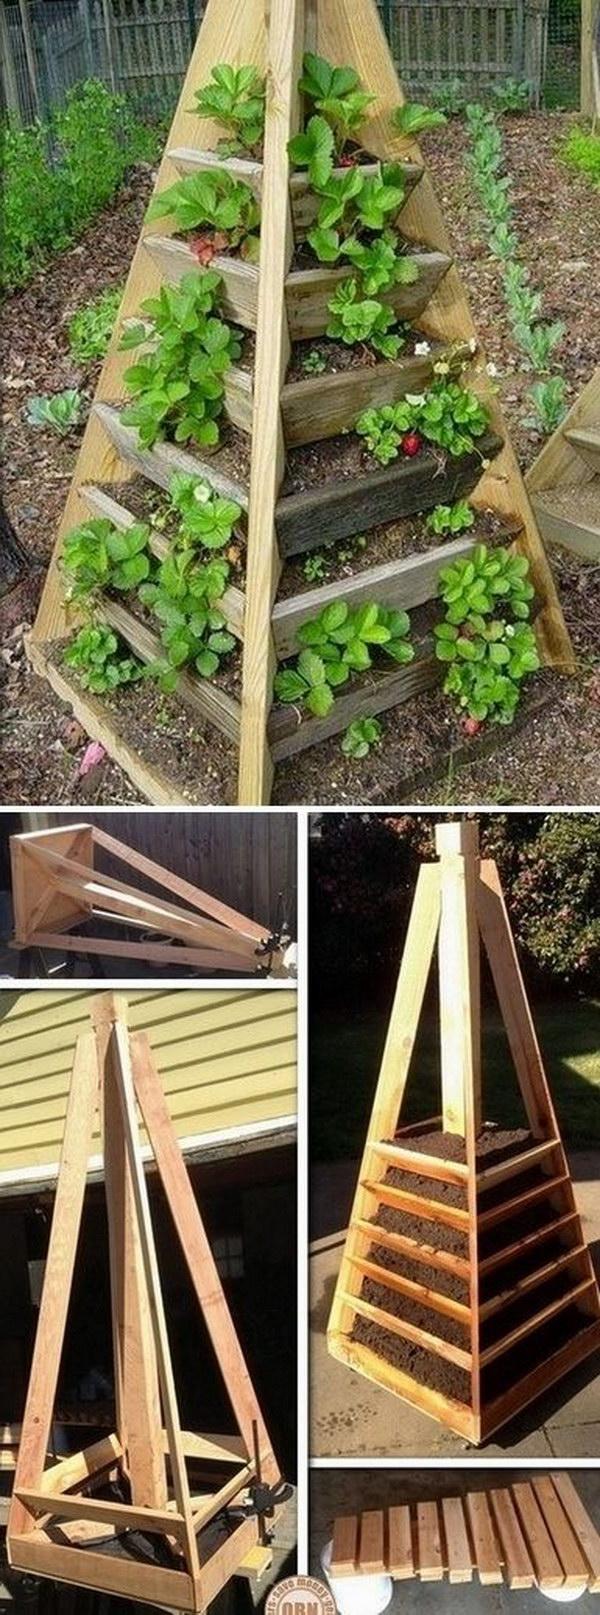 DIY Vertical Pyramid Garden Planter